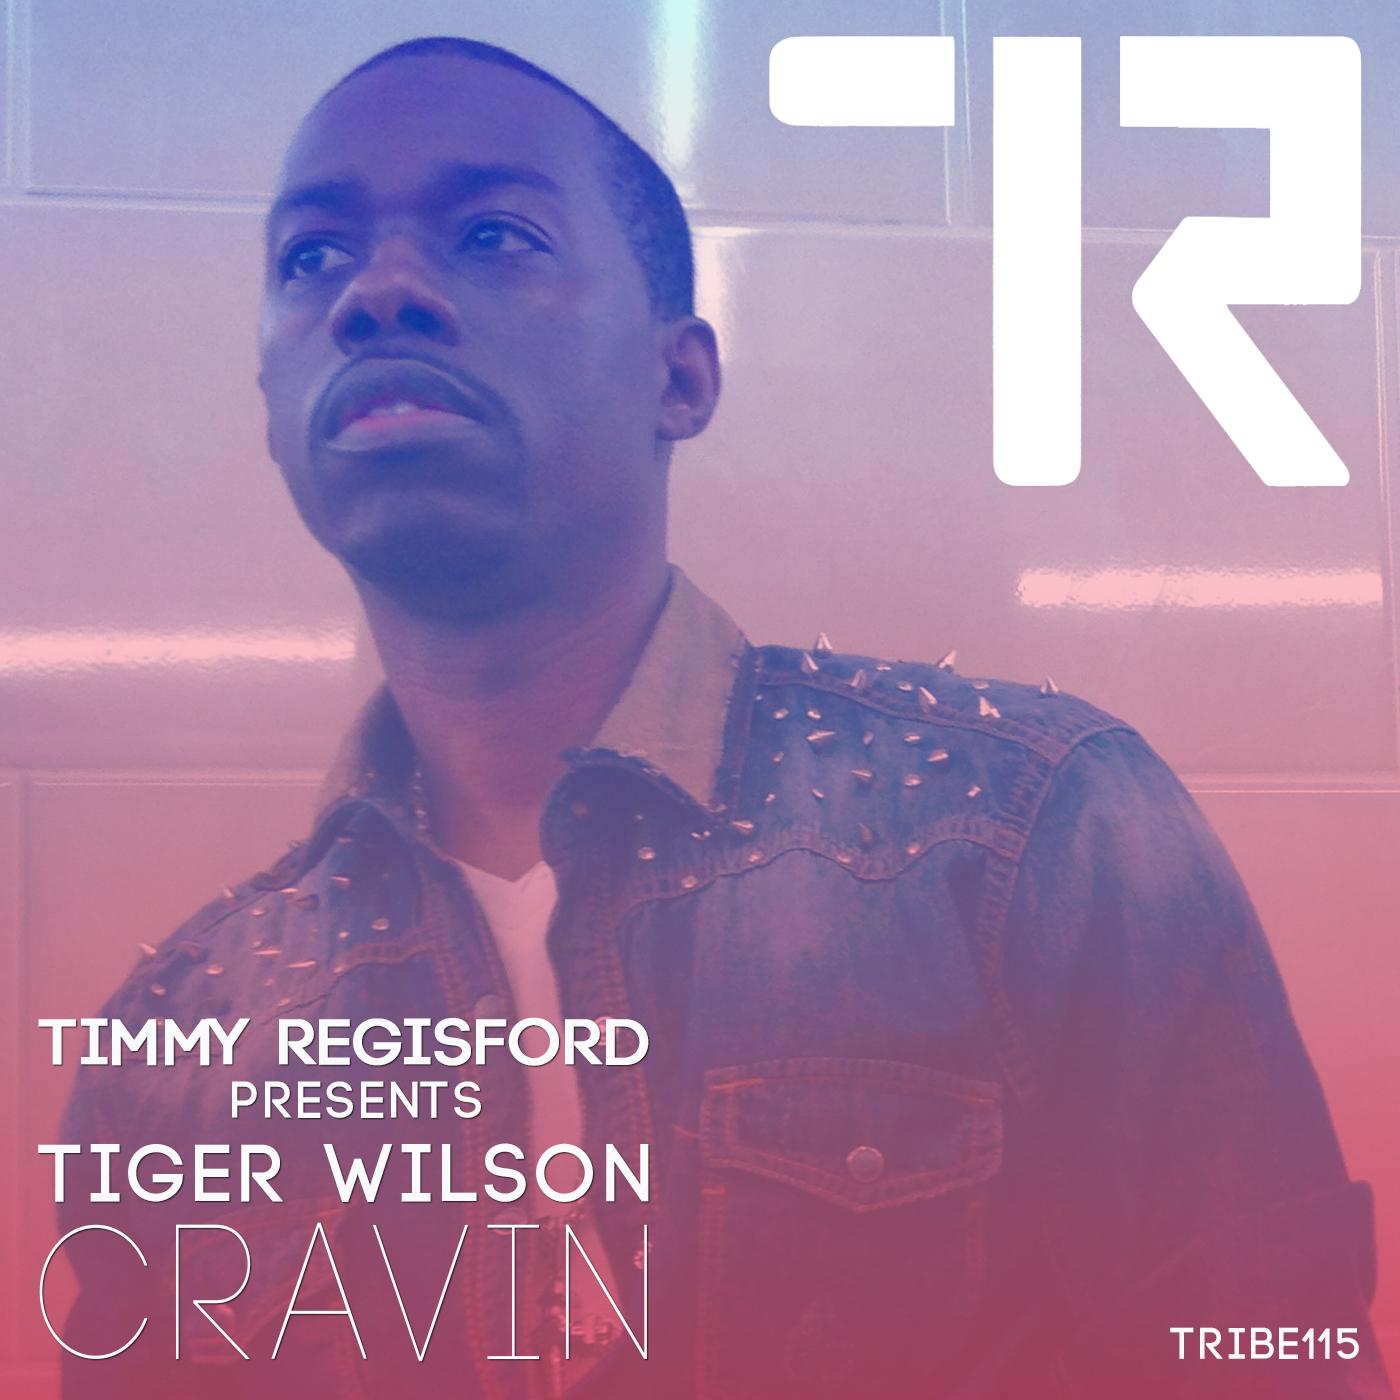 Cravin Tiger Wilson Timmy Regisford